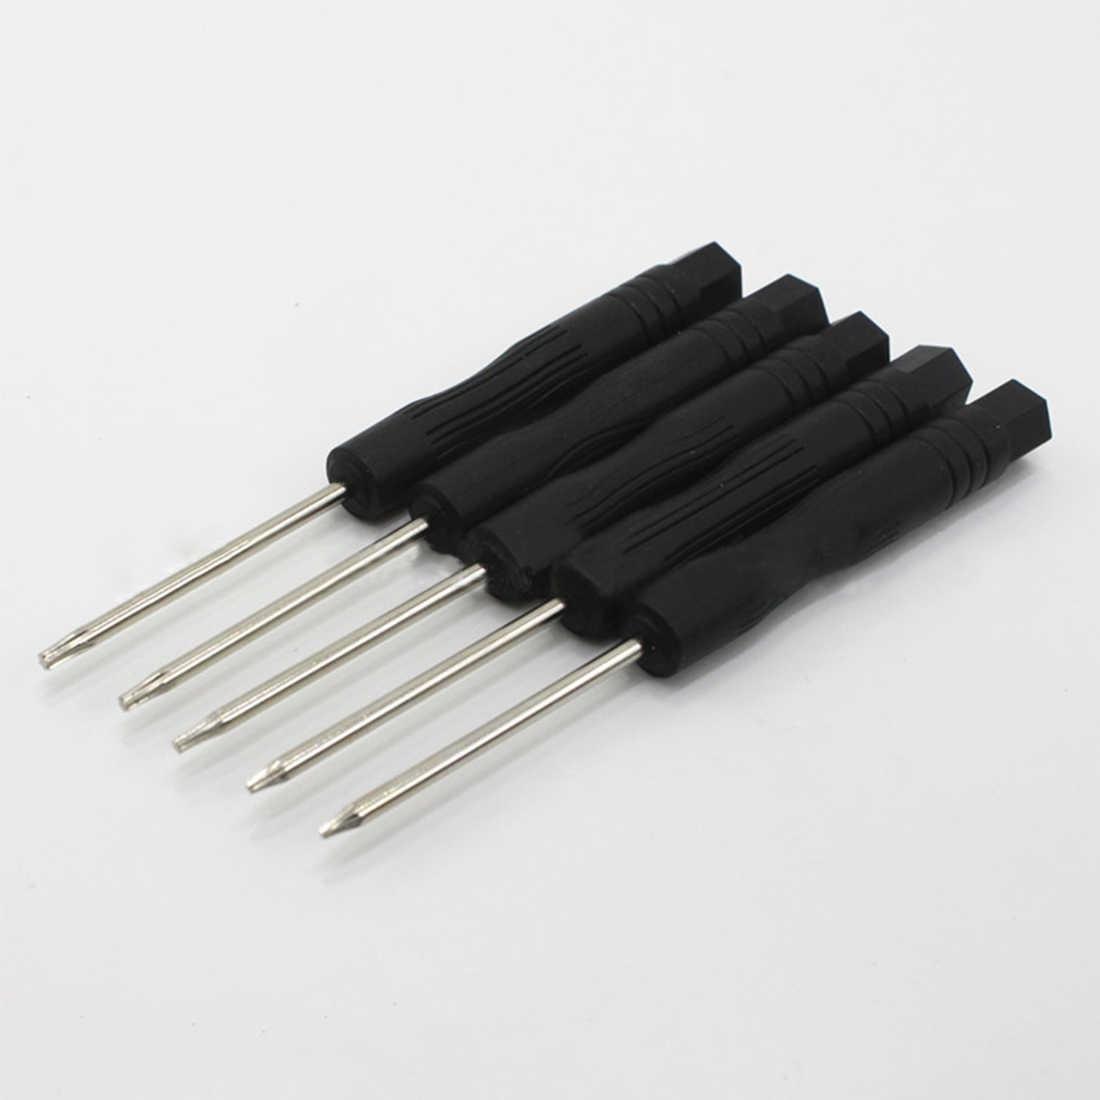 T2 T3 T4 T5 T6 Прецизионная отвертка Torx 5 шт. Набор для ремонта мобильных телефонов ручной инструмент Многофункциональный черный мини-отвертка